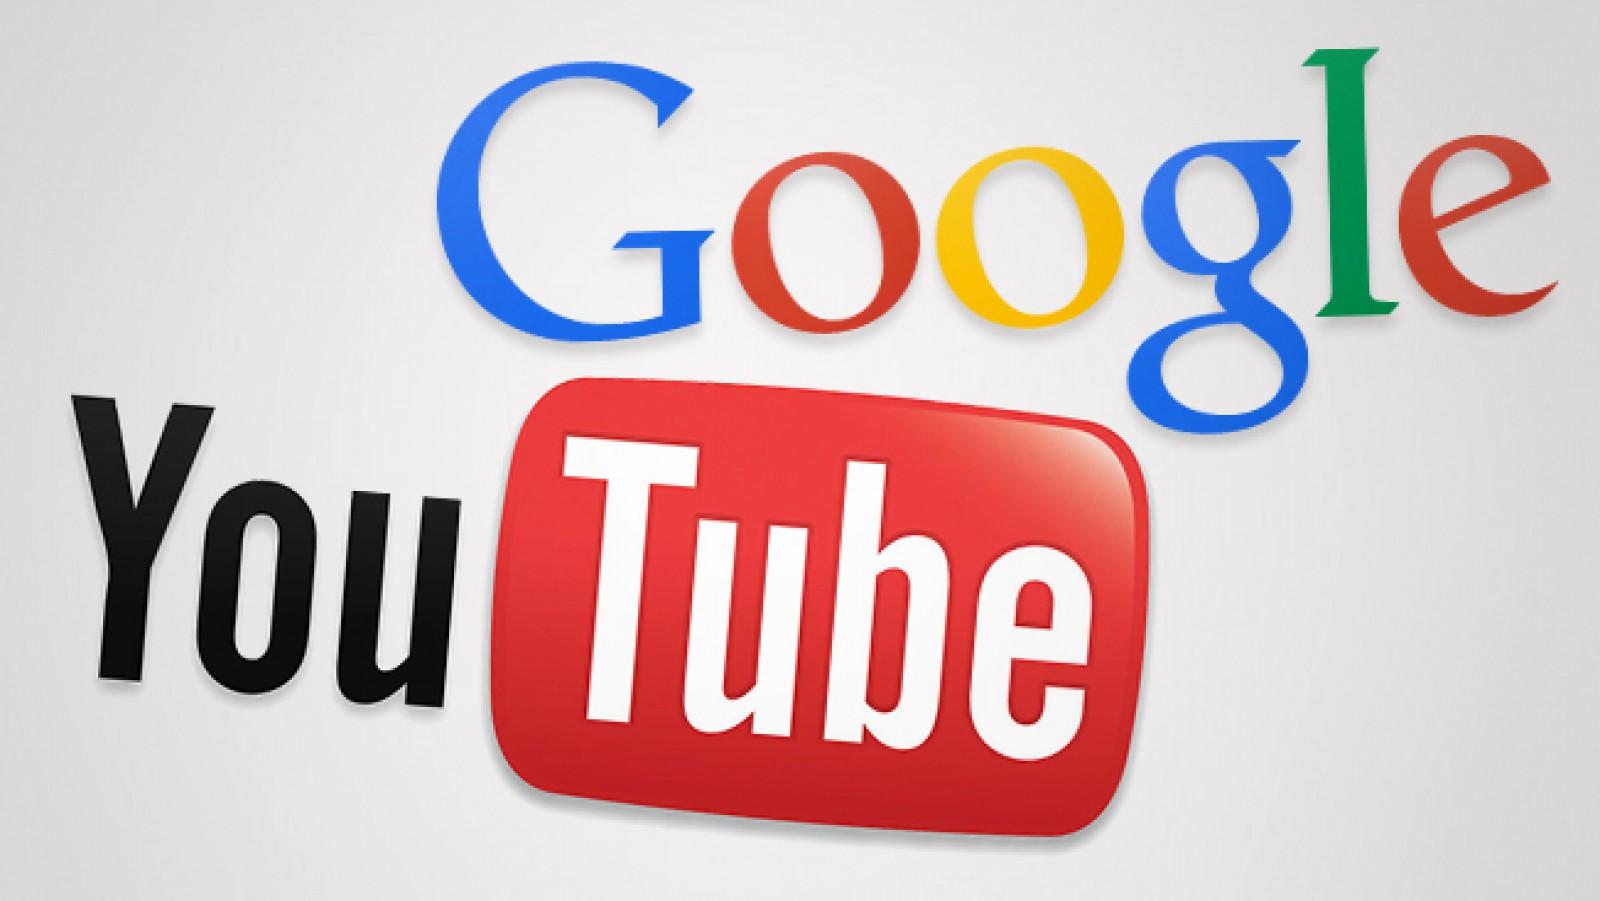 Google și Youtube anunță că opresc afișarea publicității pe tema referendumului irlandez privind avortul